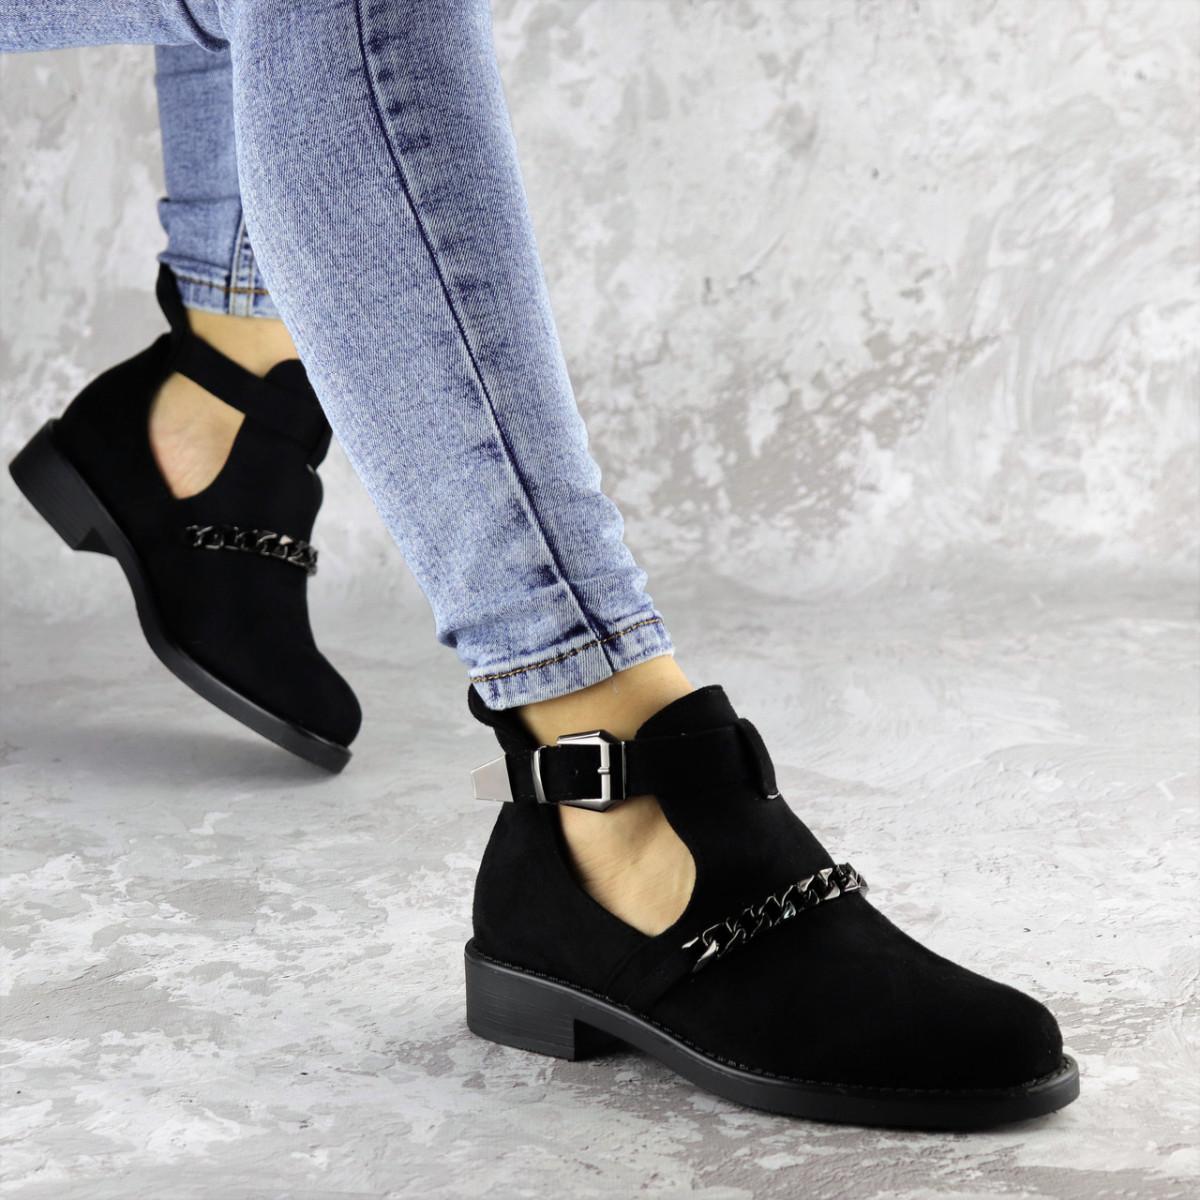 Черевички жіночі Fashion Jean 1261 36 розмір, 23,5 см Чорний